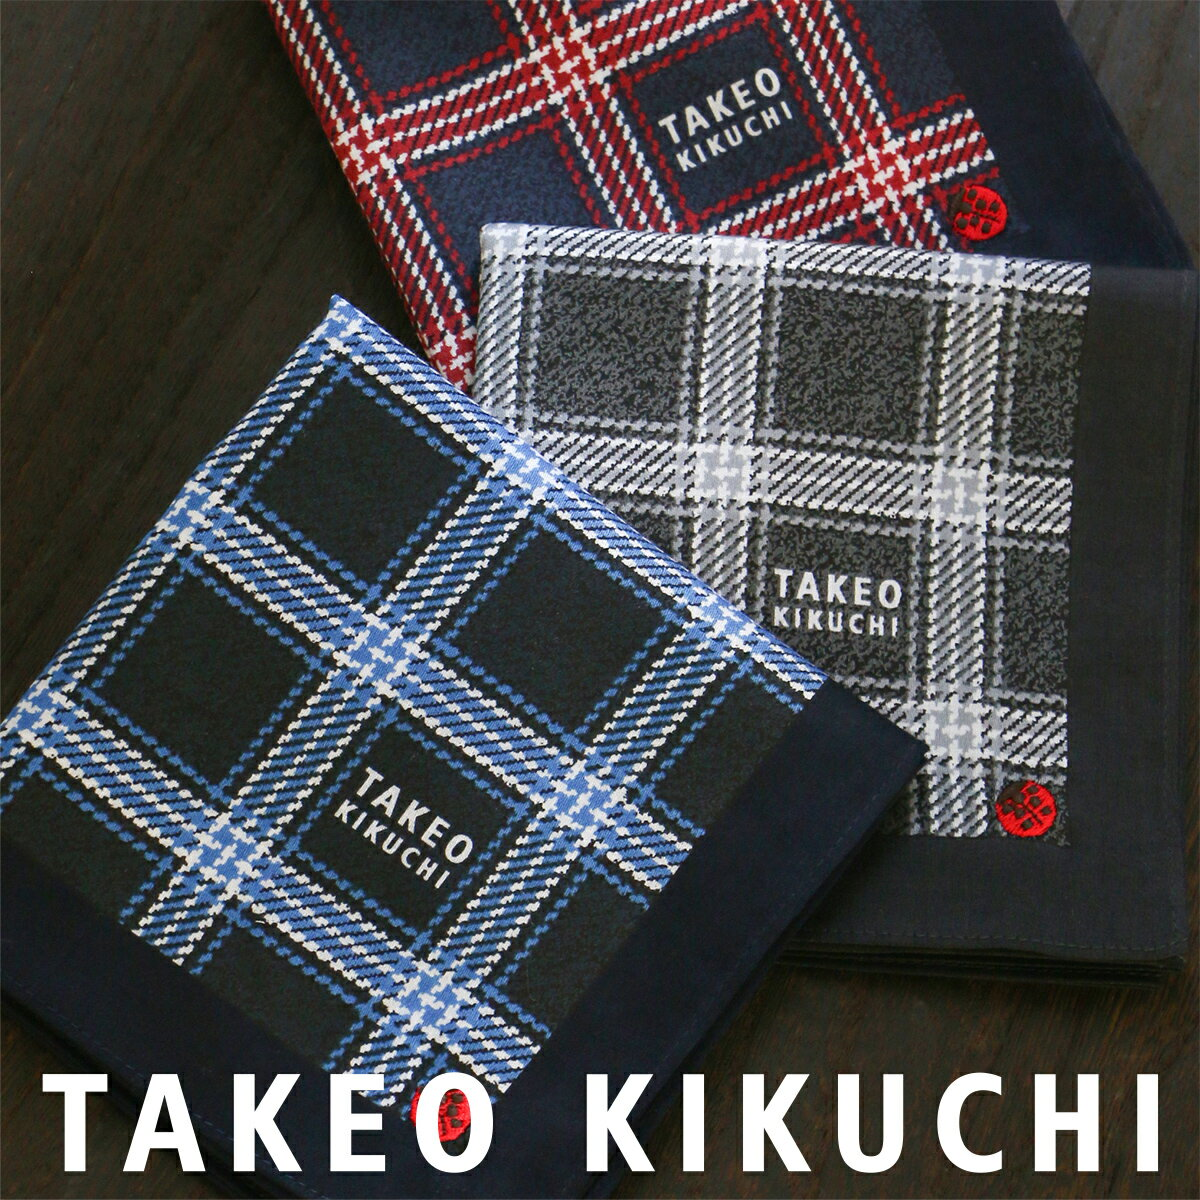 TAKEO KIKUCHI ( タケオ キクチ ) 無料 タケオ ブランド ラッピング OK 綿100% チェック柄 ハンカチ2432-129男性 メンズ プレゼント 贈答 ギフトポイント10倍